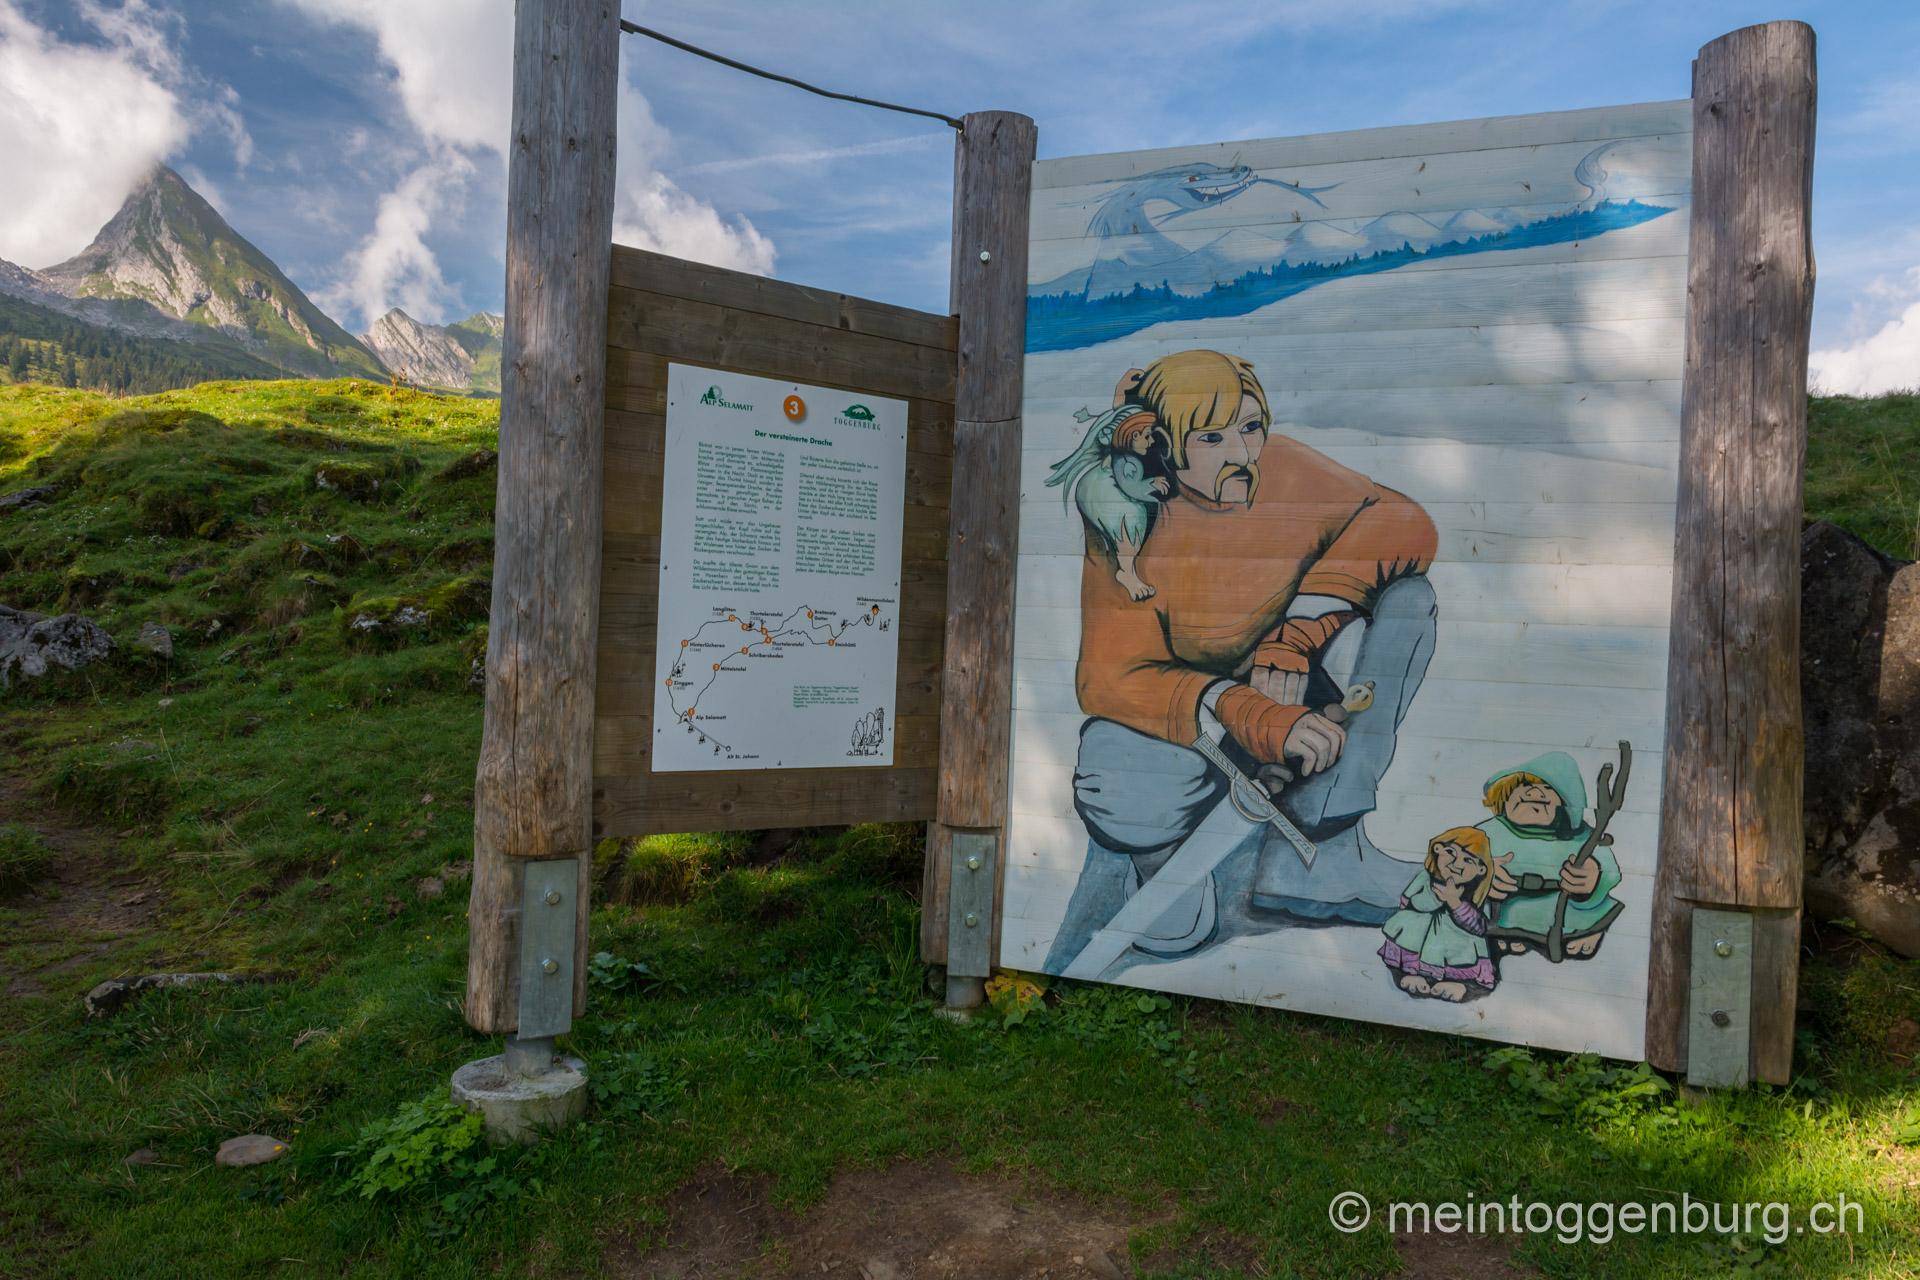 Toggenburger Sagenweg - Der versteinerte Drache